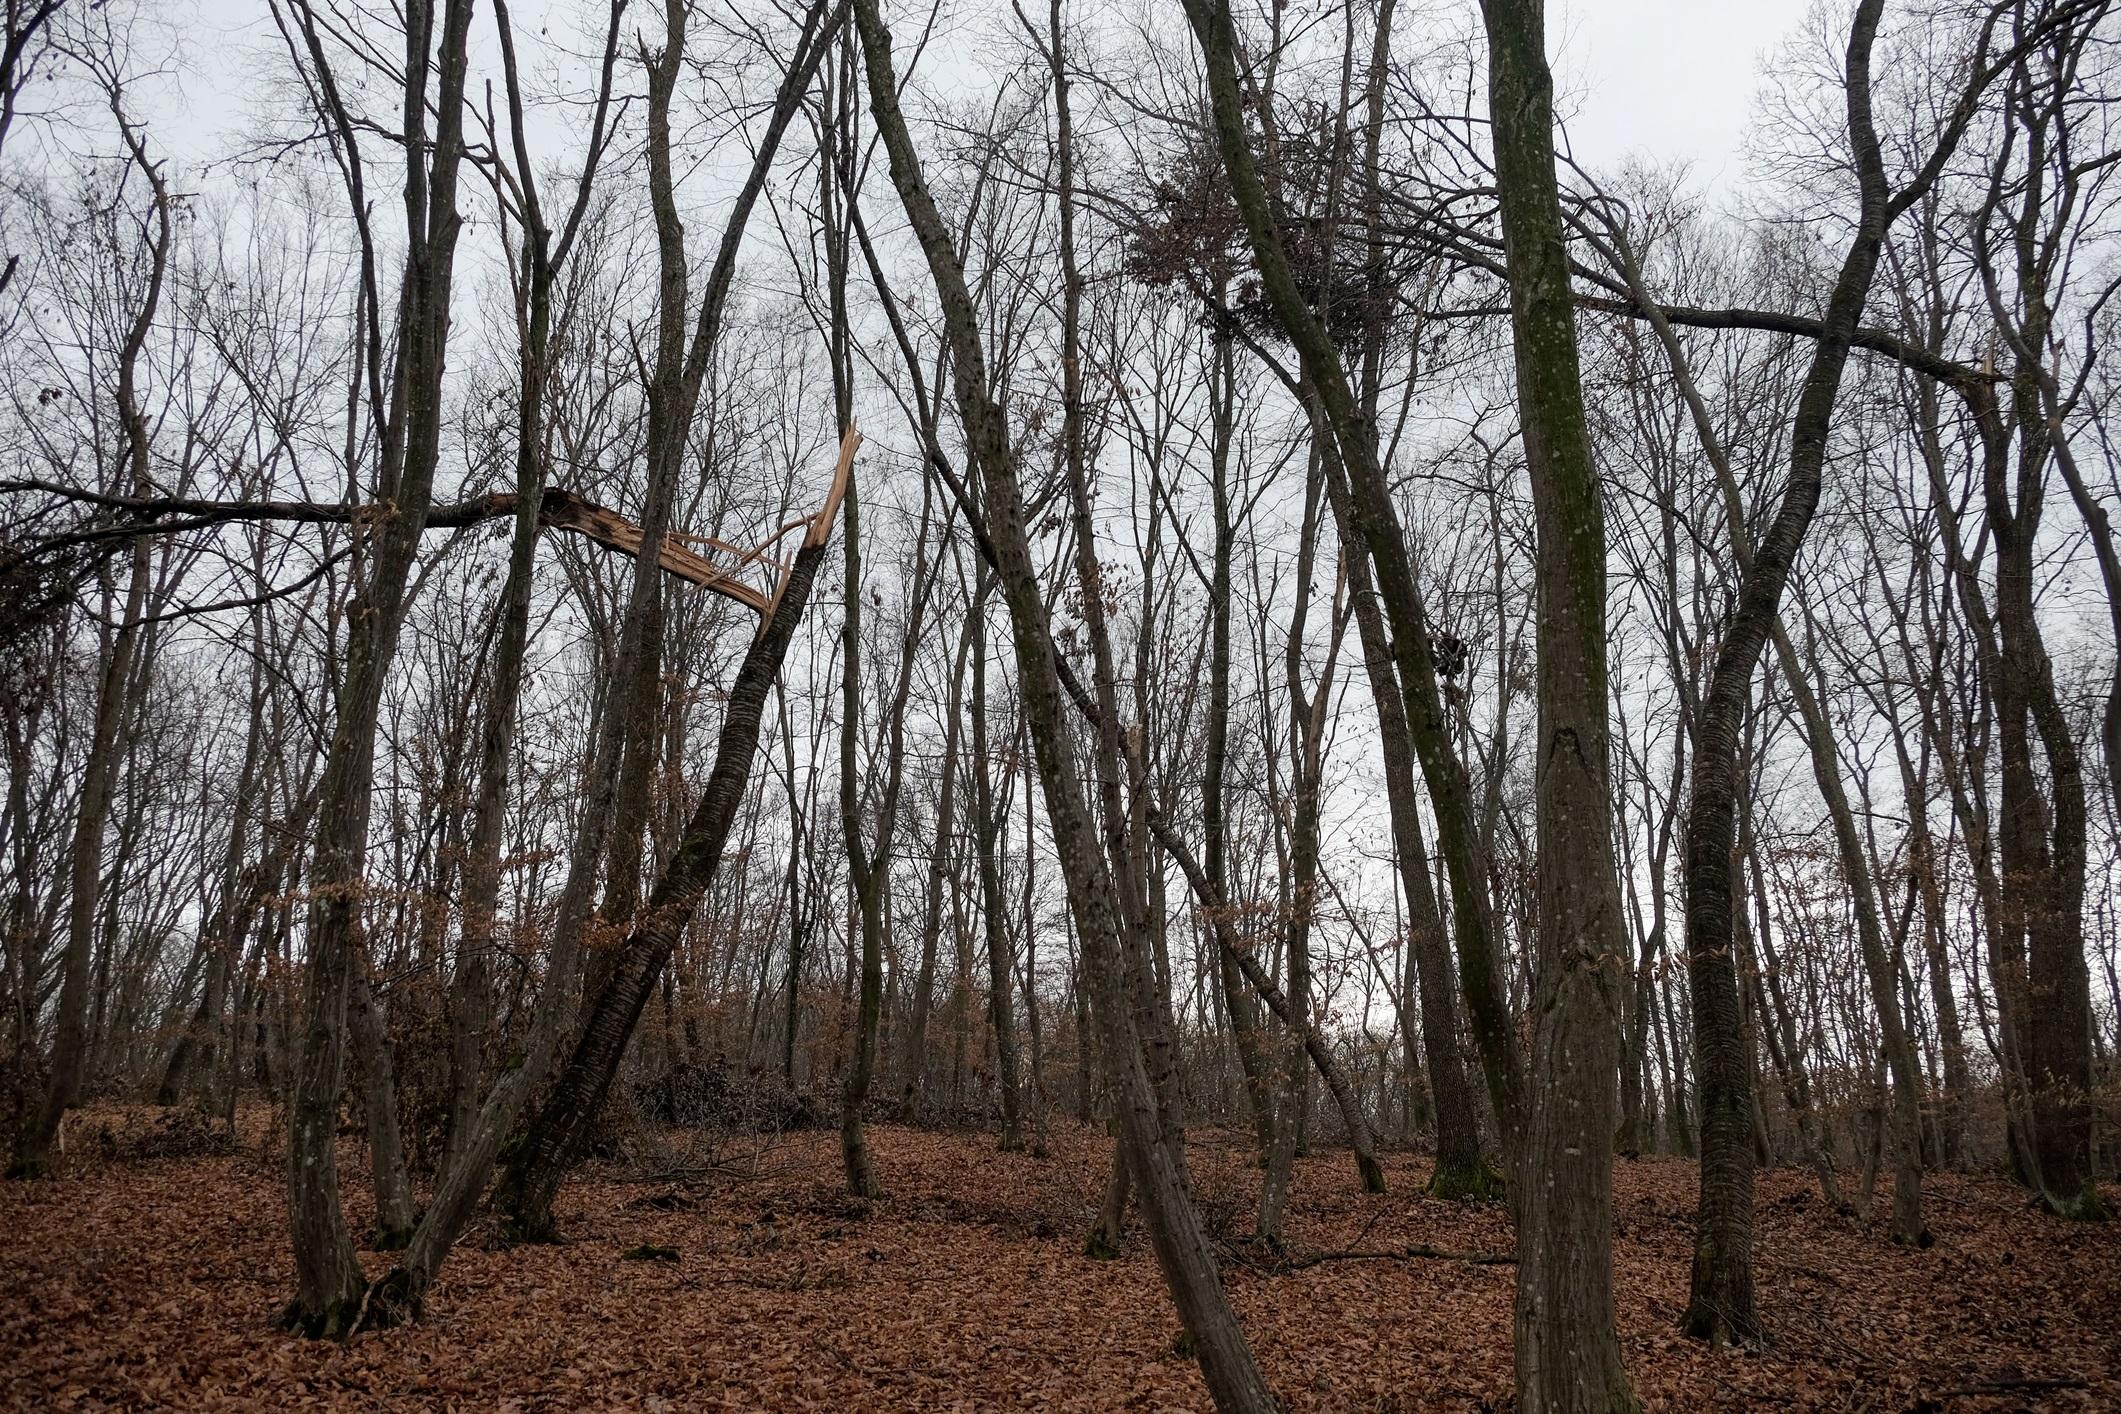 <p>Смели туристи обикалят гората през нощта, но мнозина съобщават, че изпитват странно чувство на безпокойство, гадене и чувството, че са наблюдавани.</p>